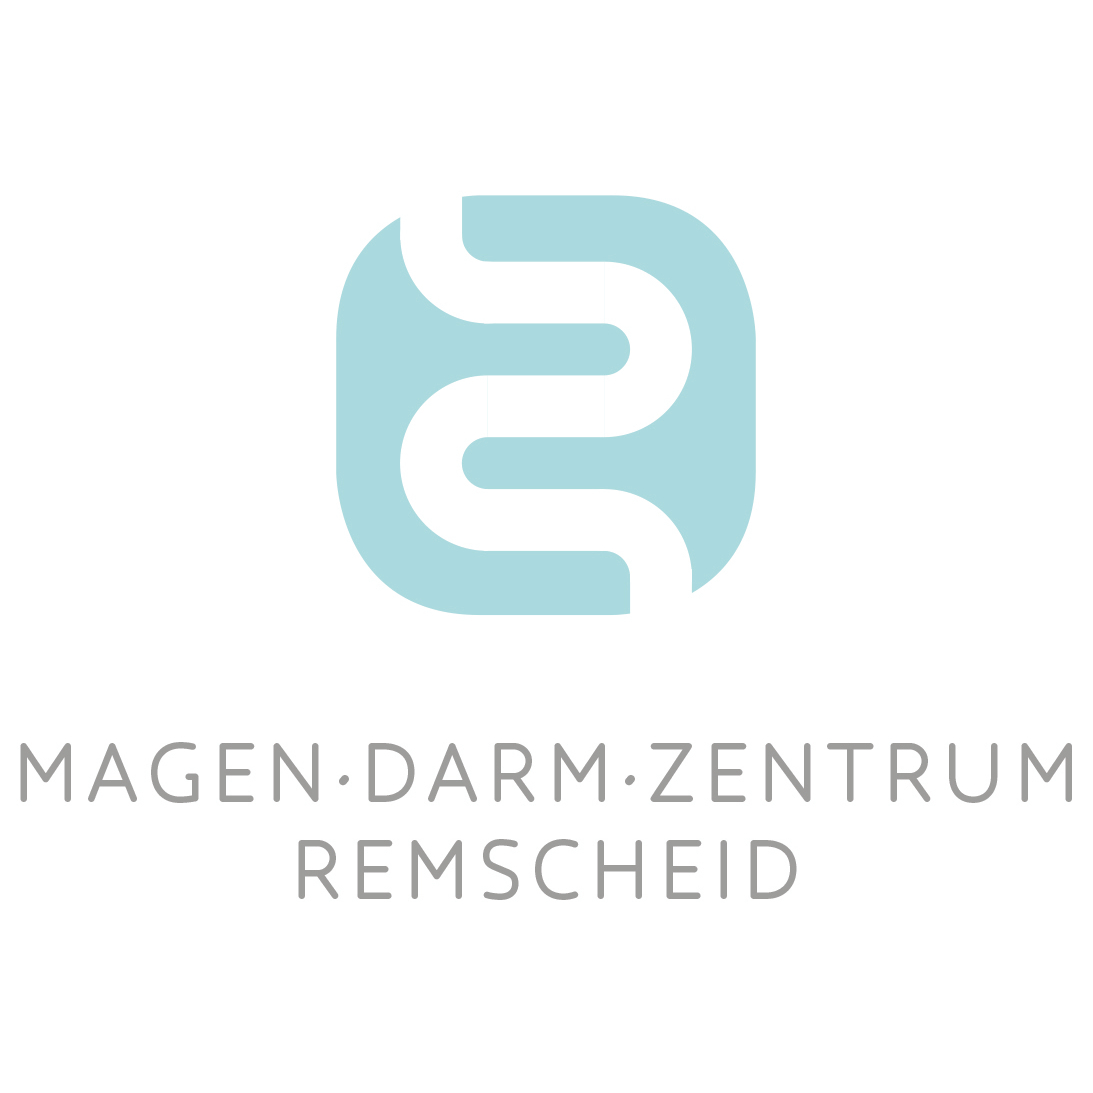 Bild zu Dr. med. Eric Jörgensen, Dr. med. Denis Knirel in Remscheid